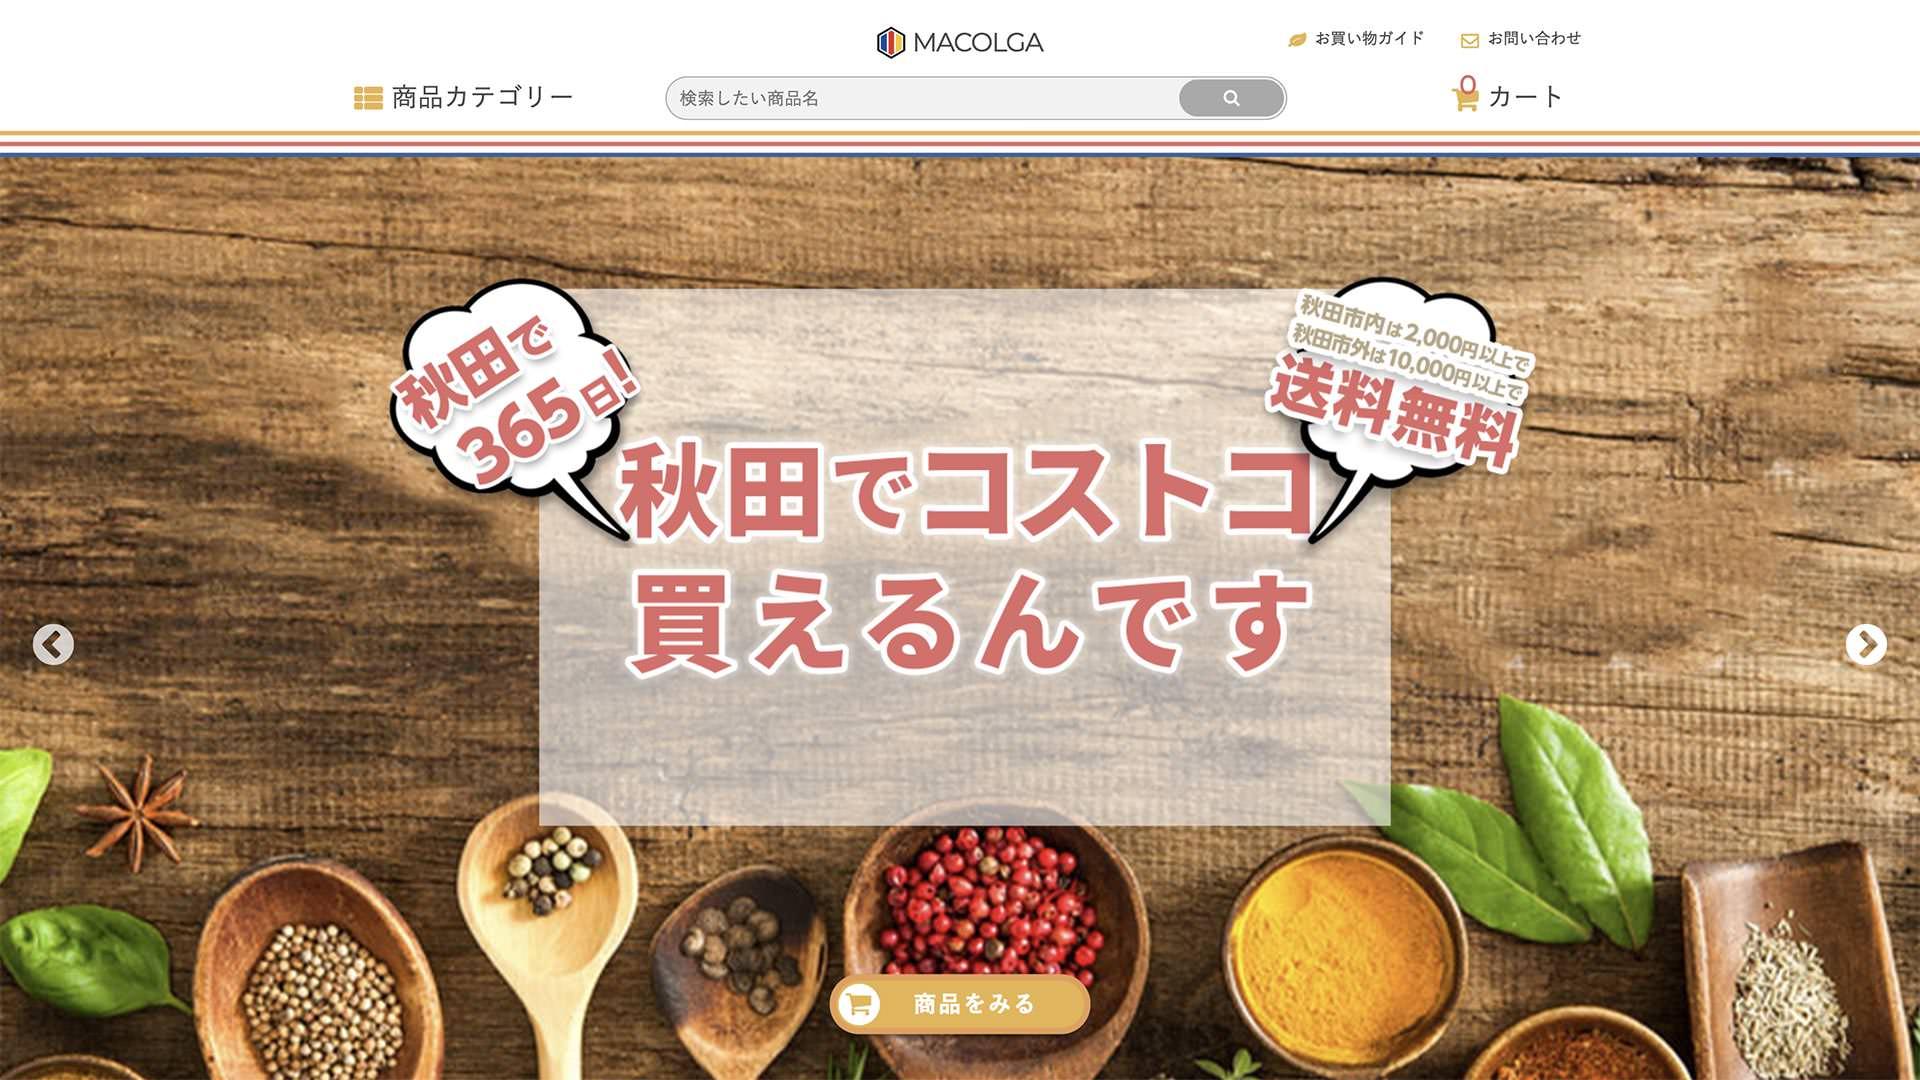 マコラガ様のサイトイメージ